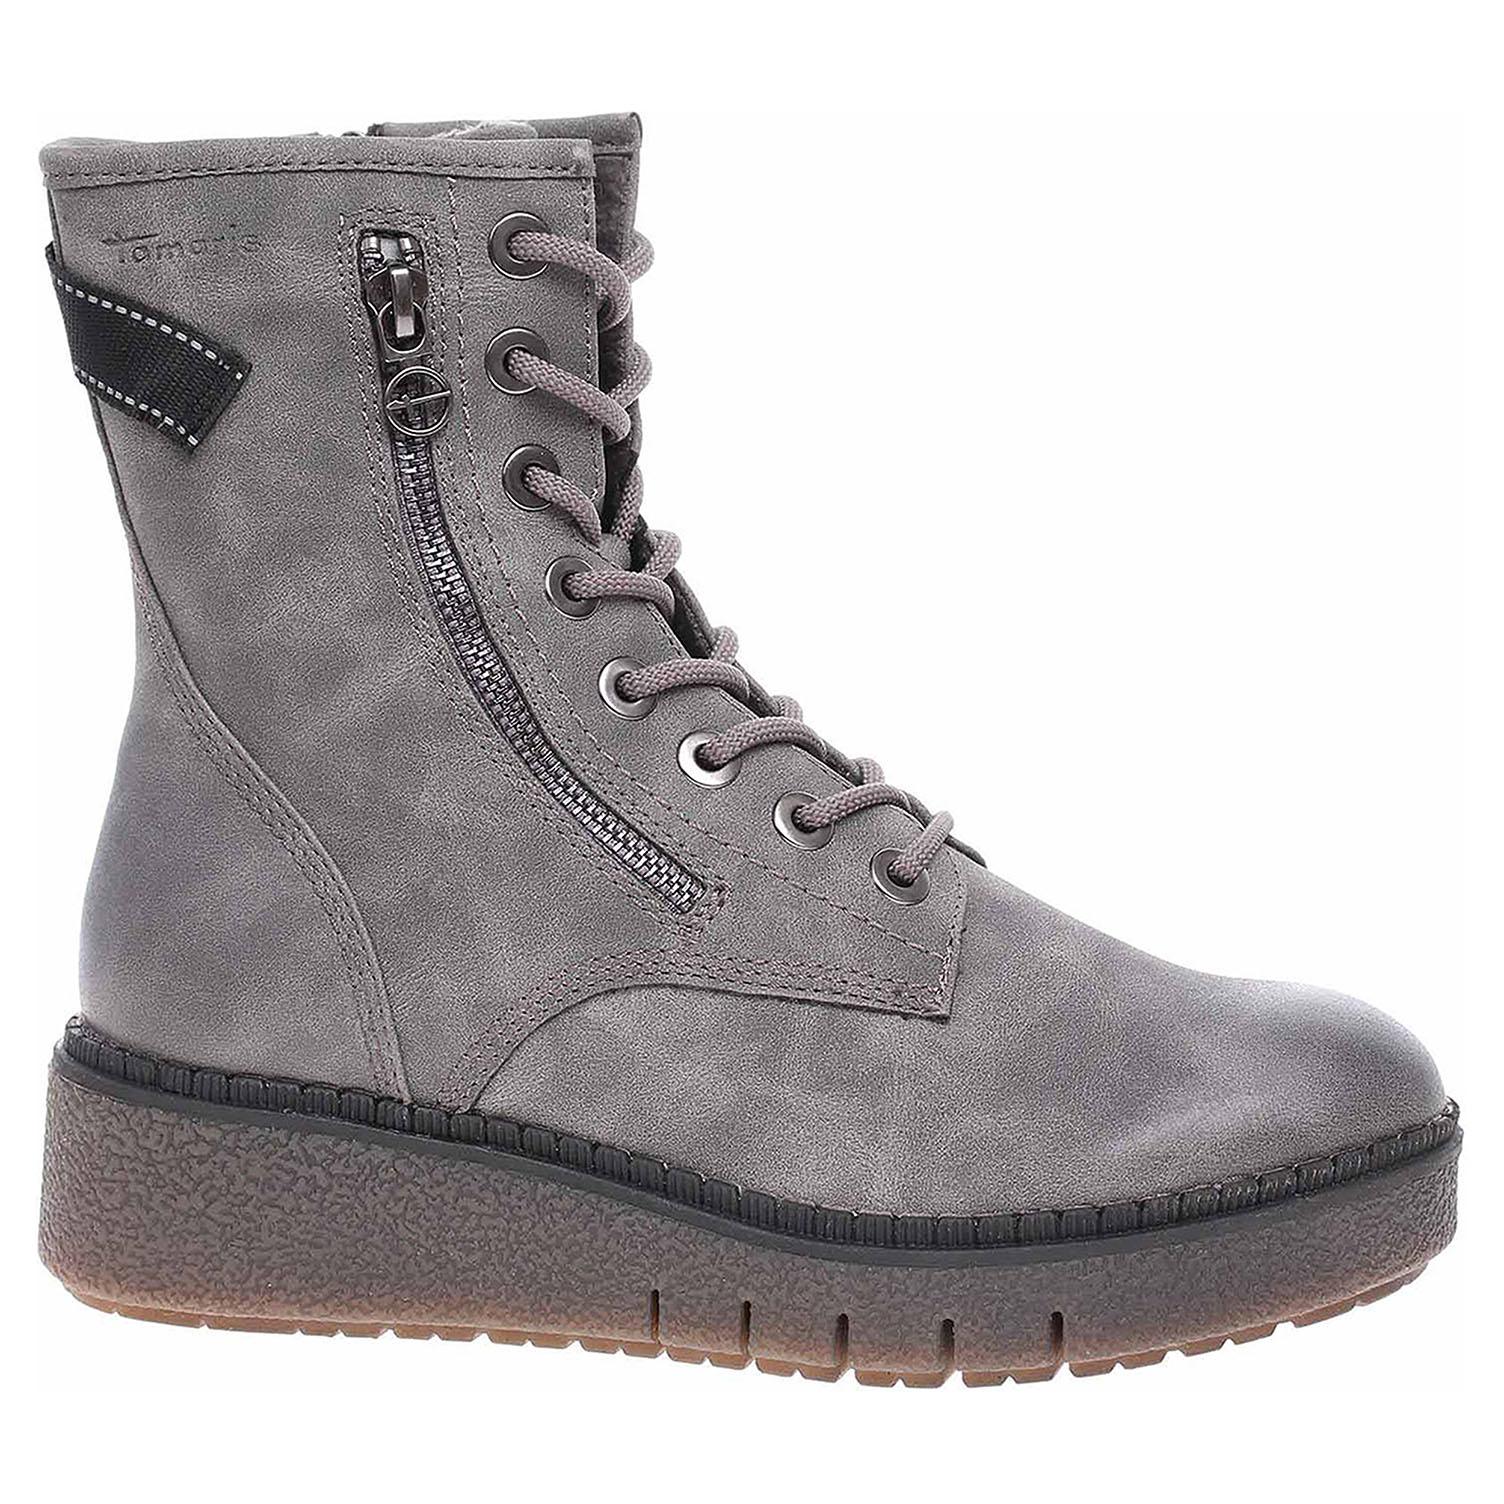 Dámská kotníková obuv Tamaris 1-25900-25 anthracite mat 1-1-25900-25 217 39